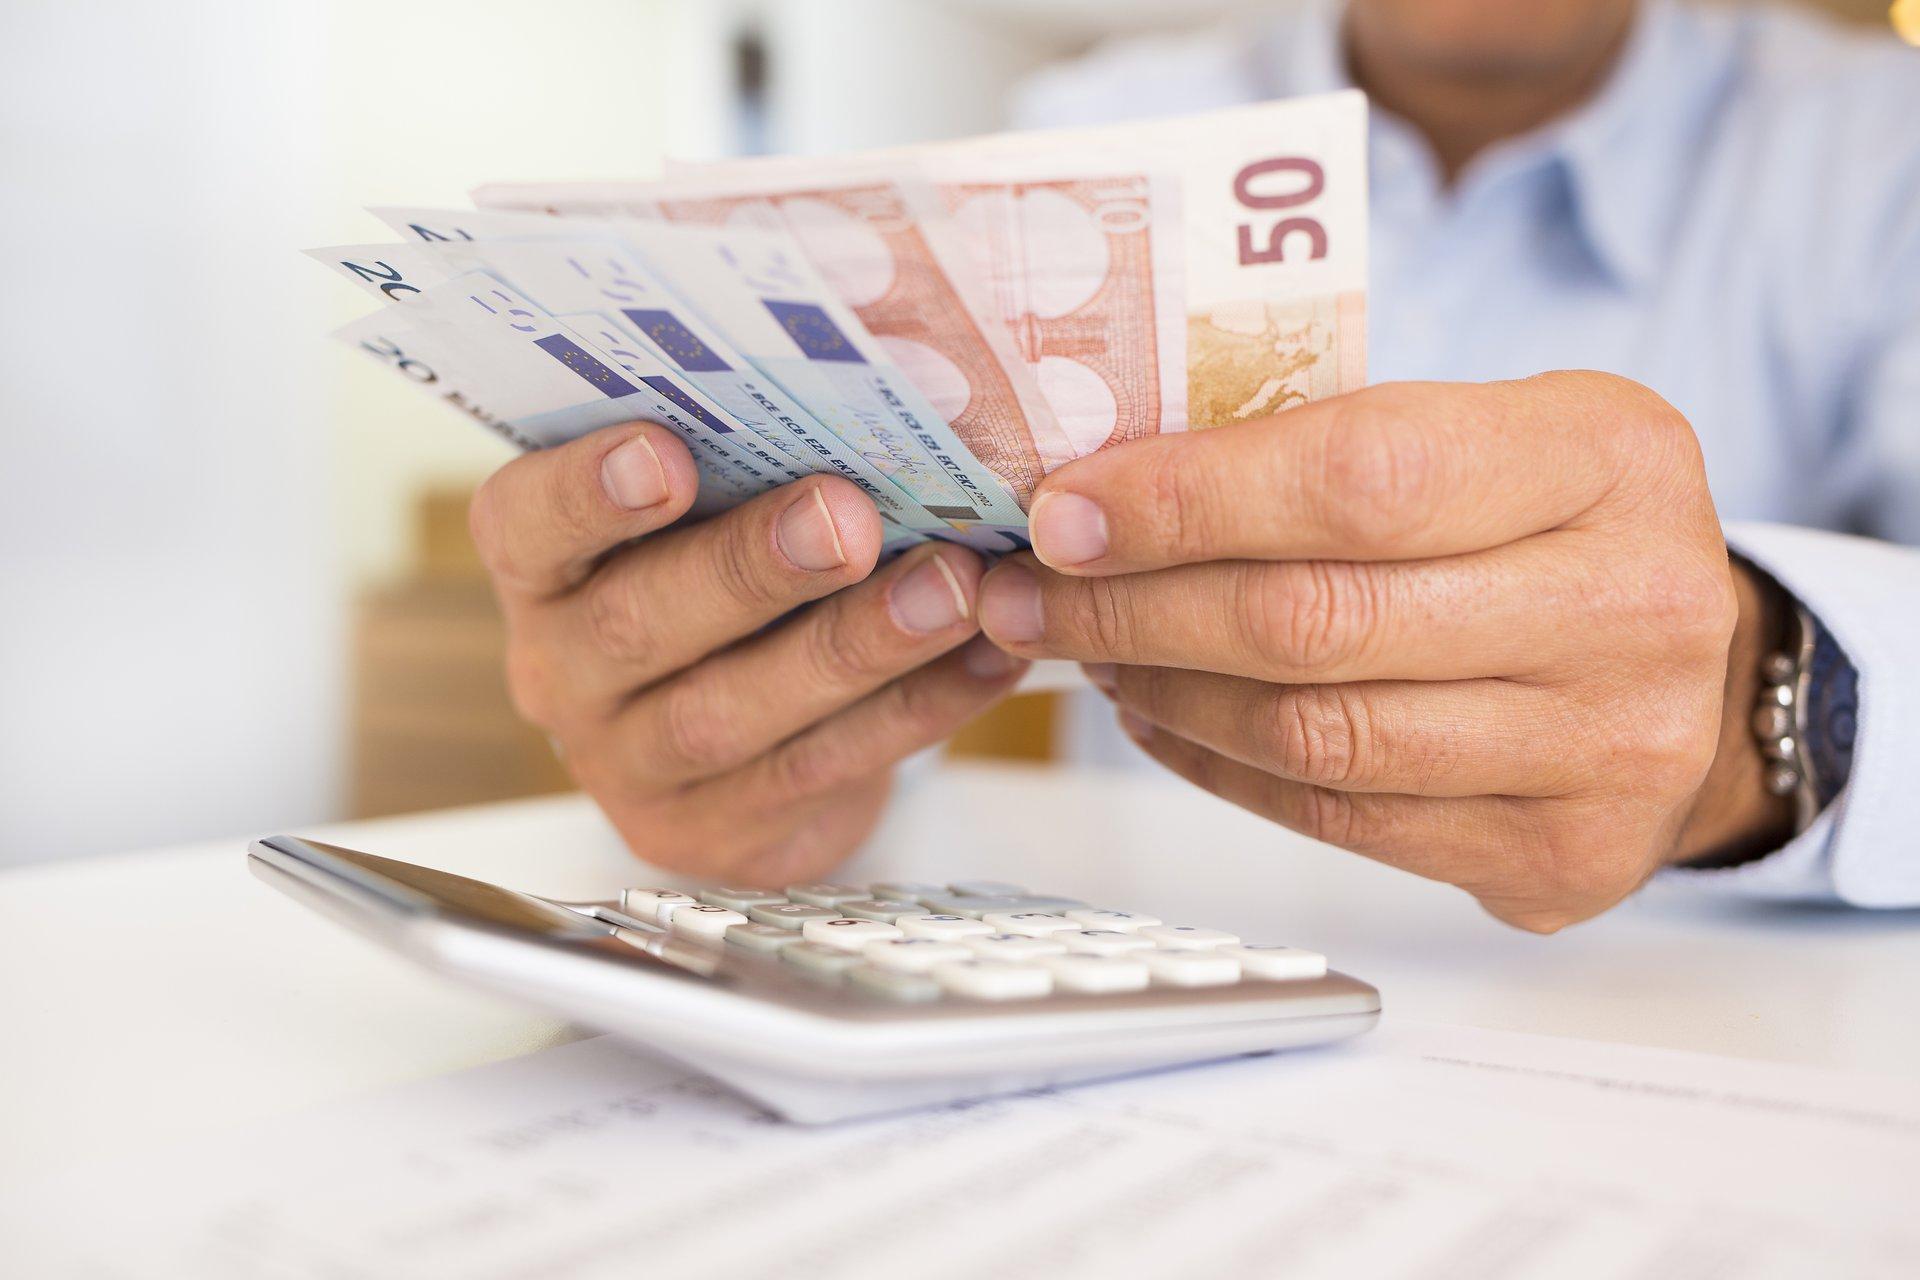 Kā nopelnīt naudu viegli un ātri? - astrologuasociacija.lv